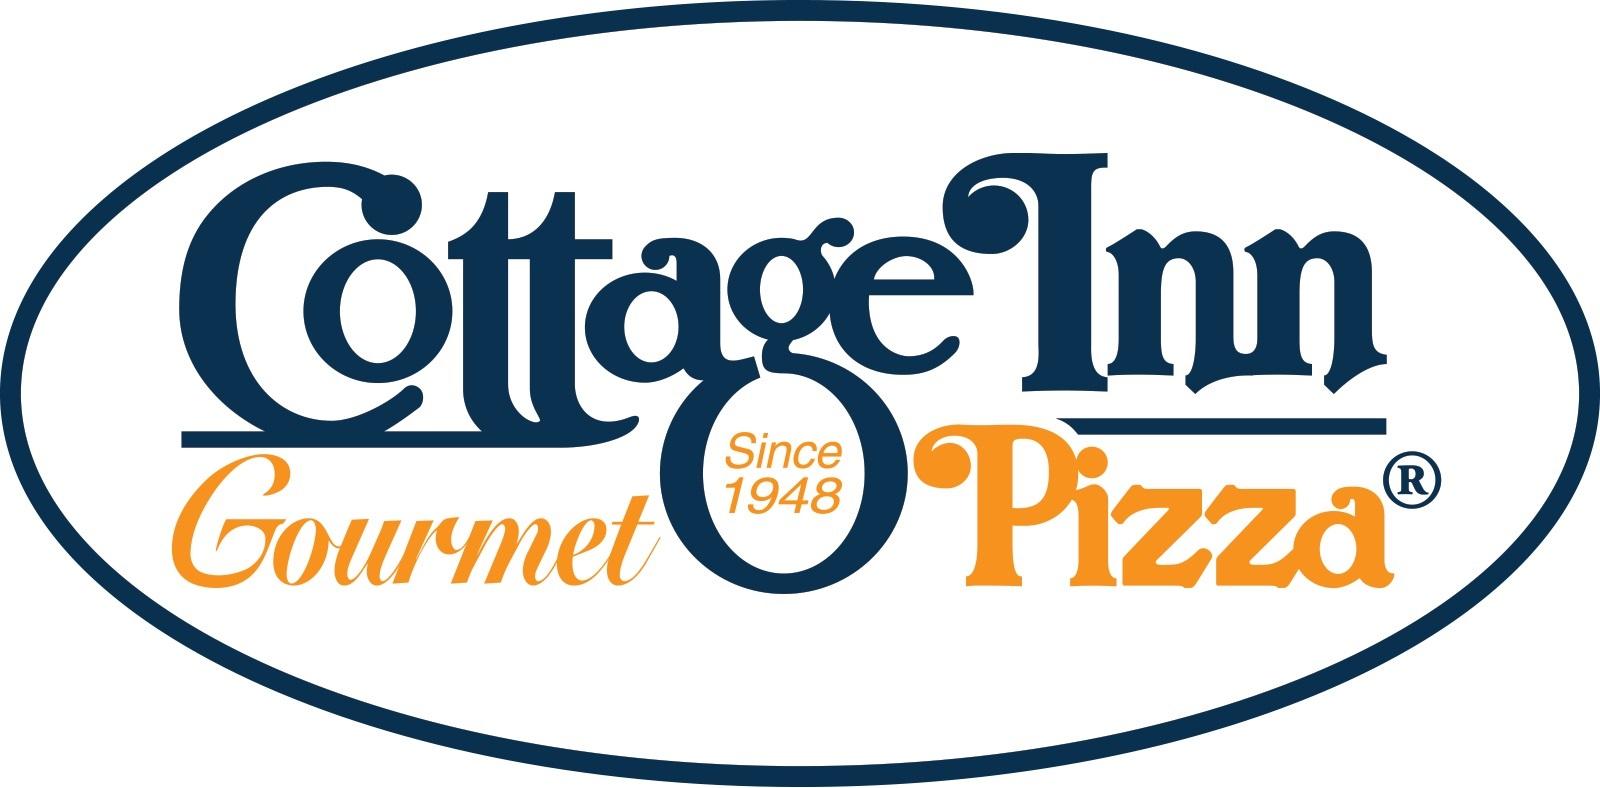 cottage inn pizza holt rh lansing org cottage inn gourmet pizza brighton mi cottage inn gourmet pizza greensboro